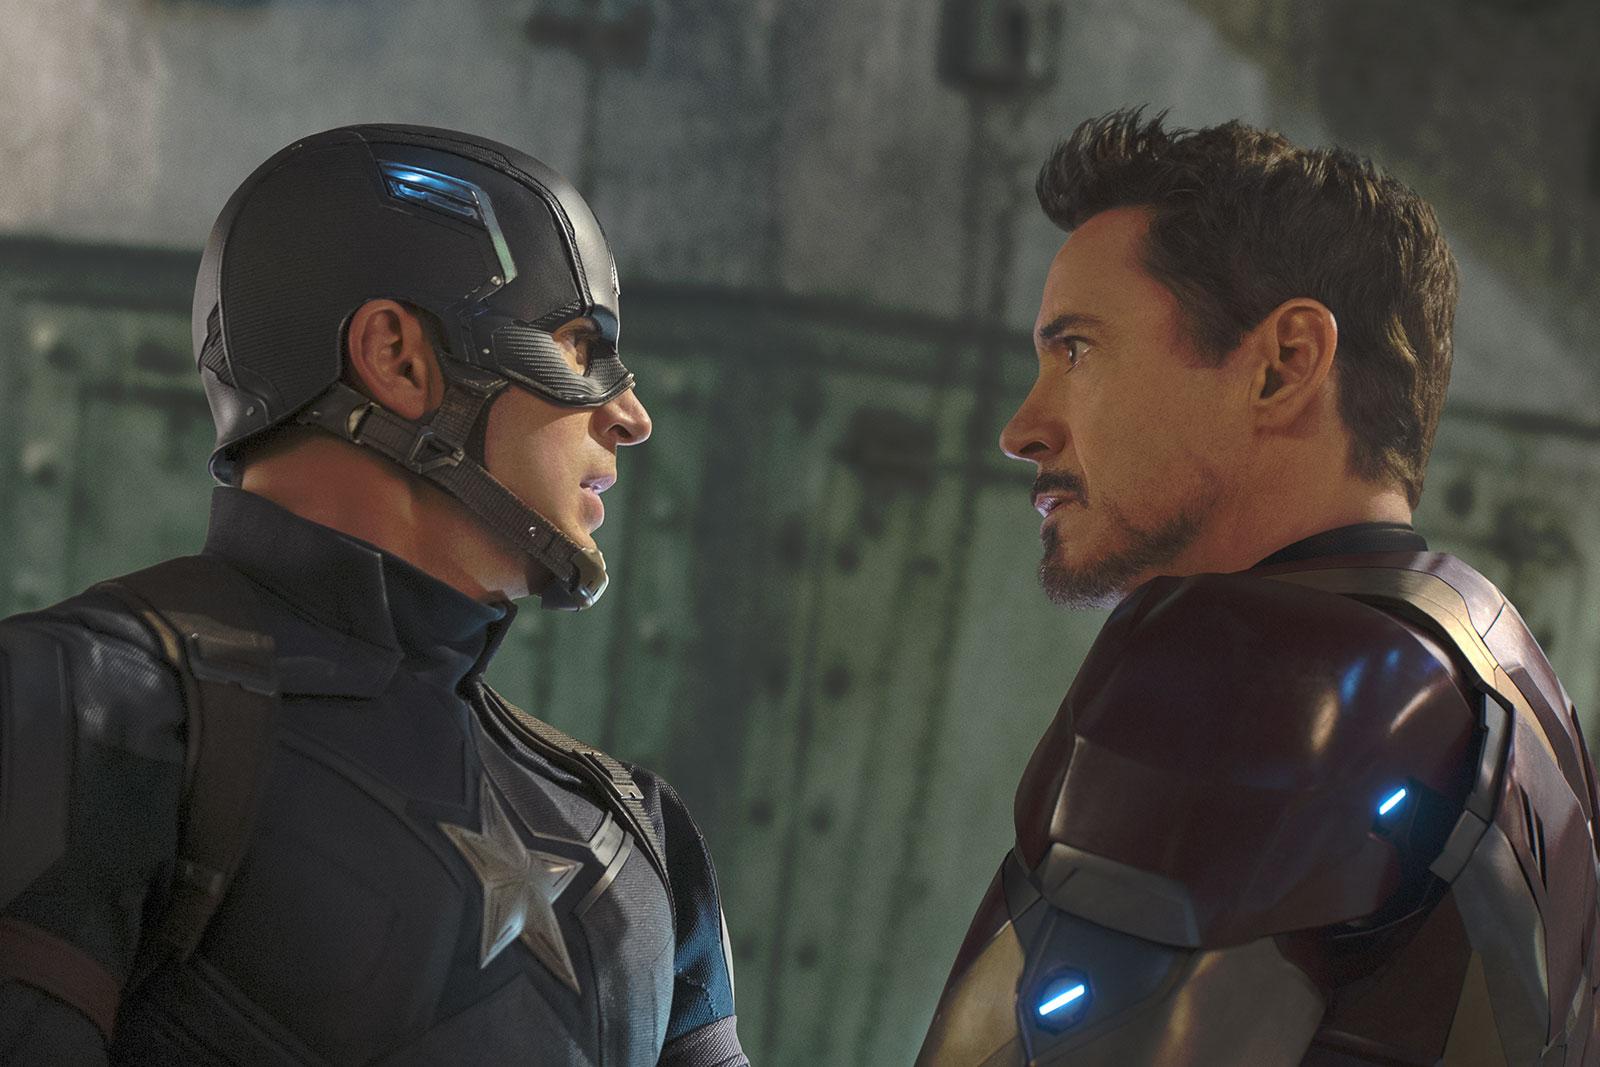 El Capi contra Iron Man